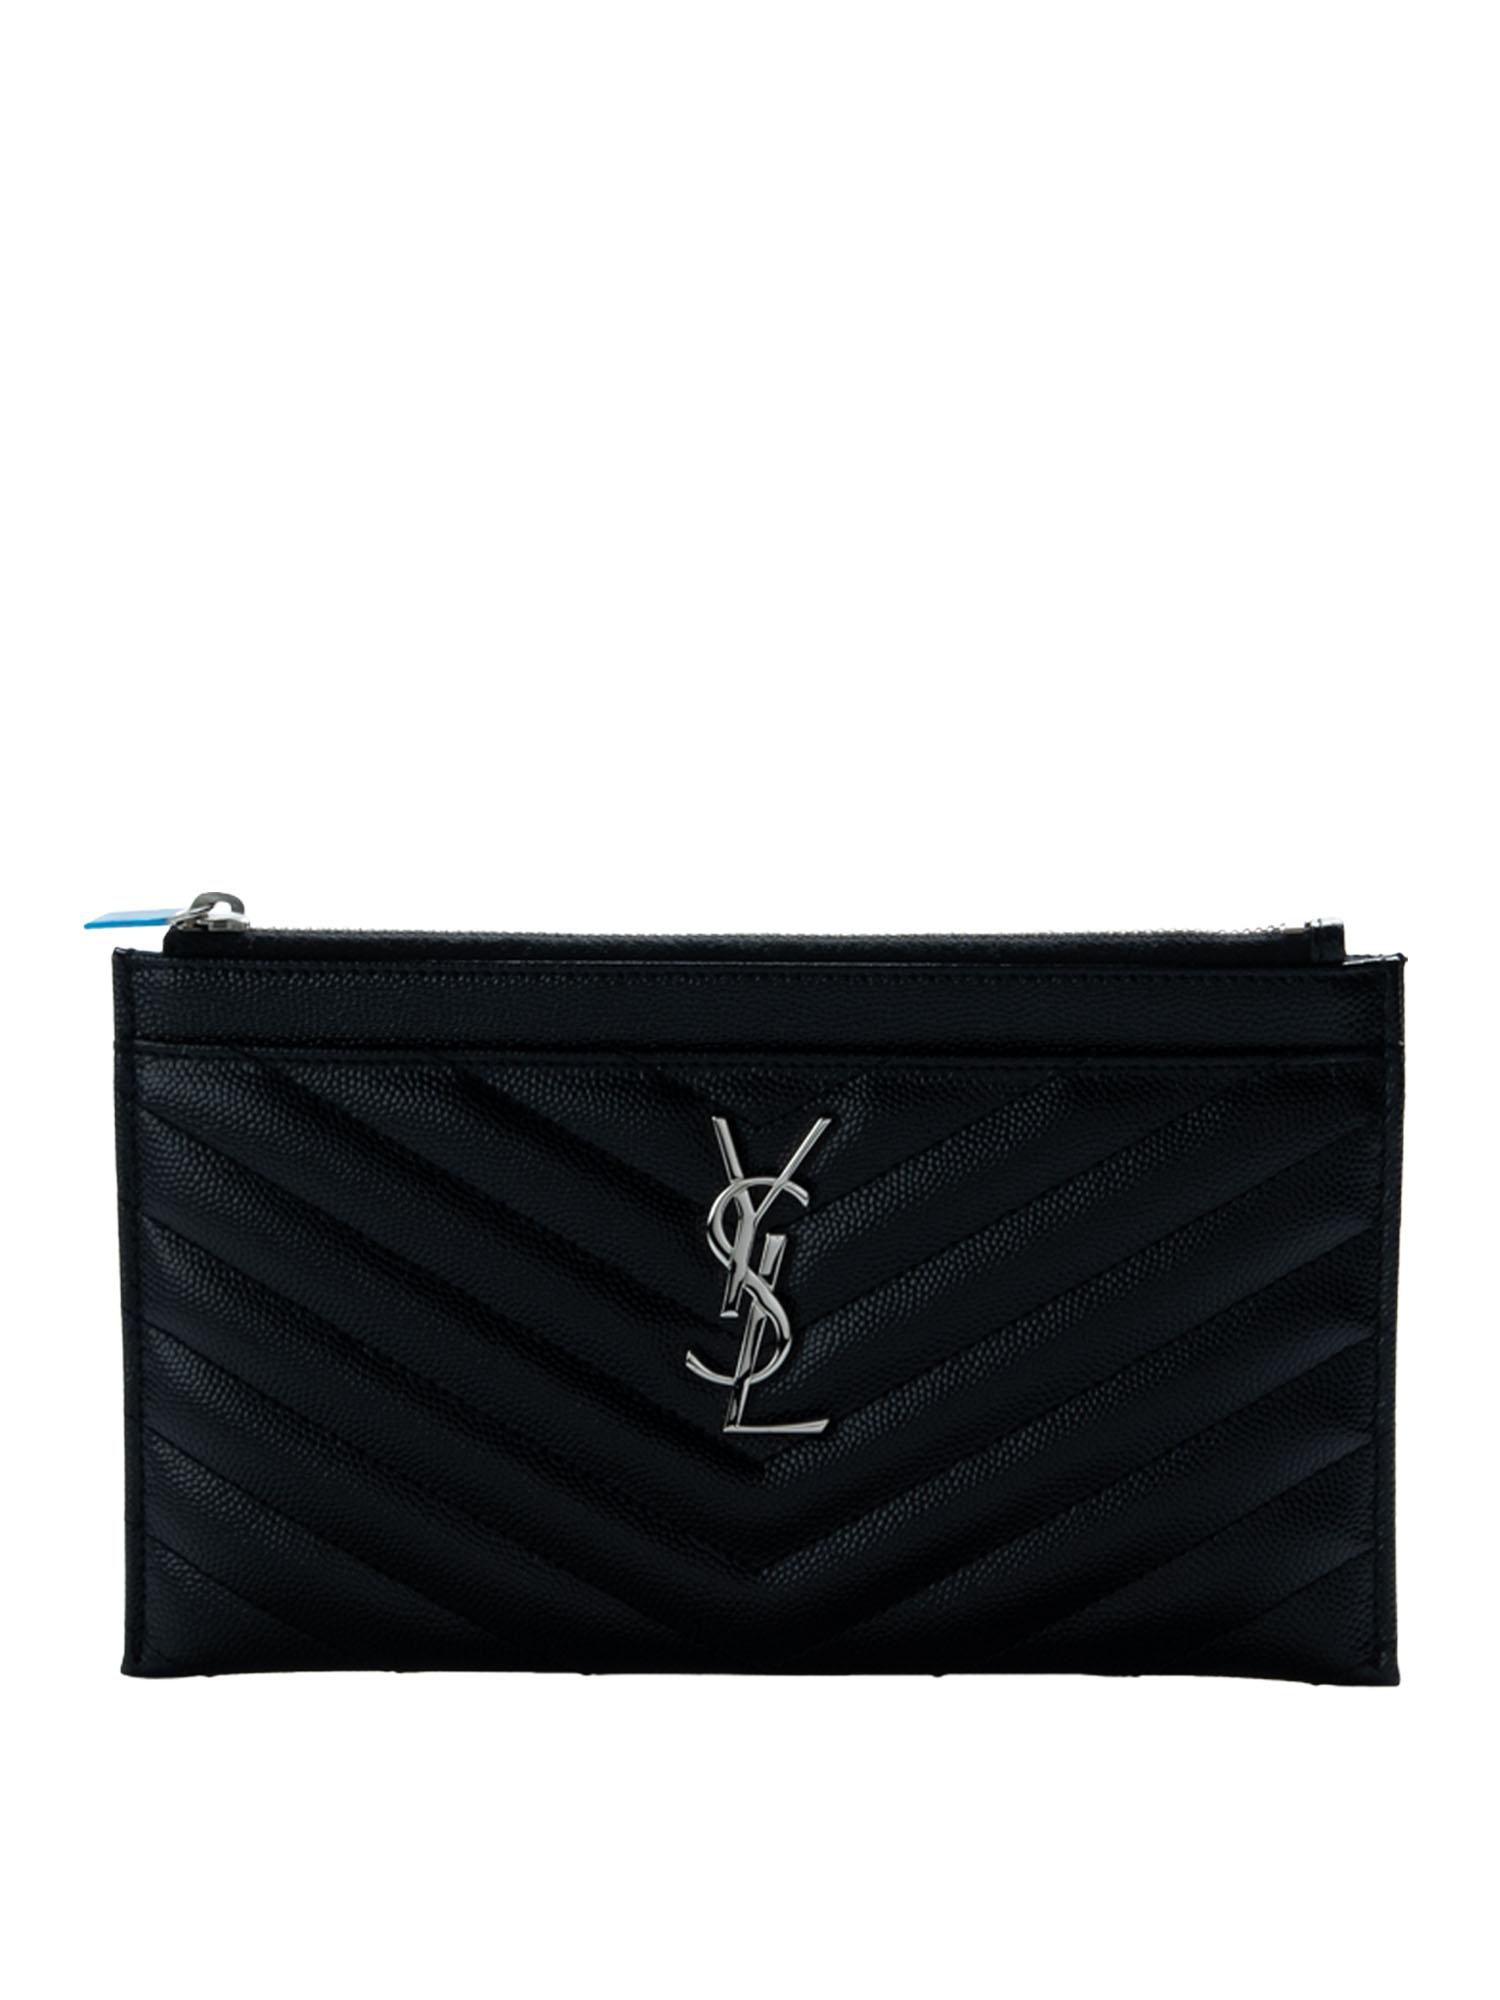 ysl กระเป๋าตังArtboard 1 (1)